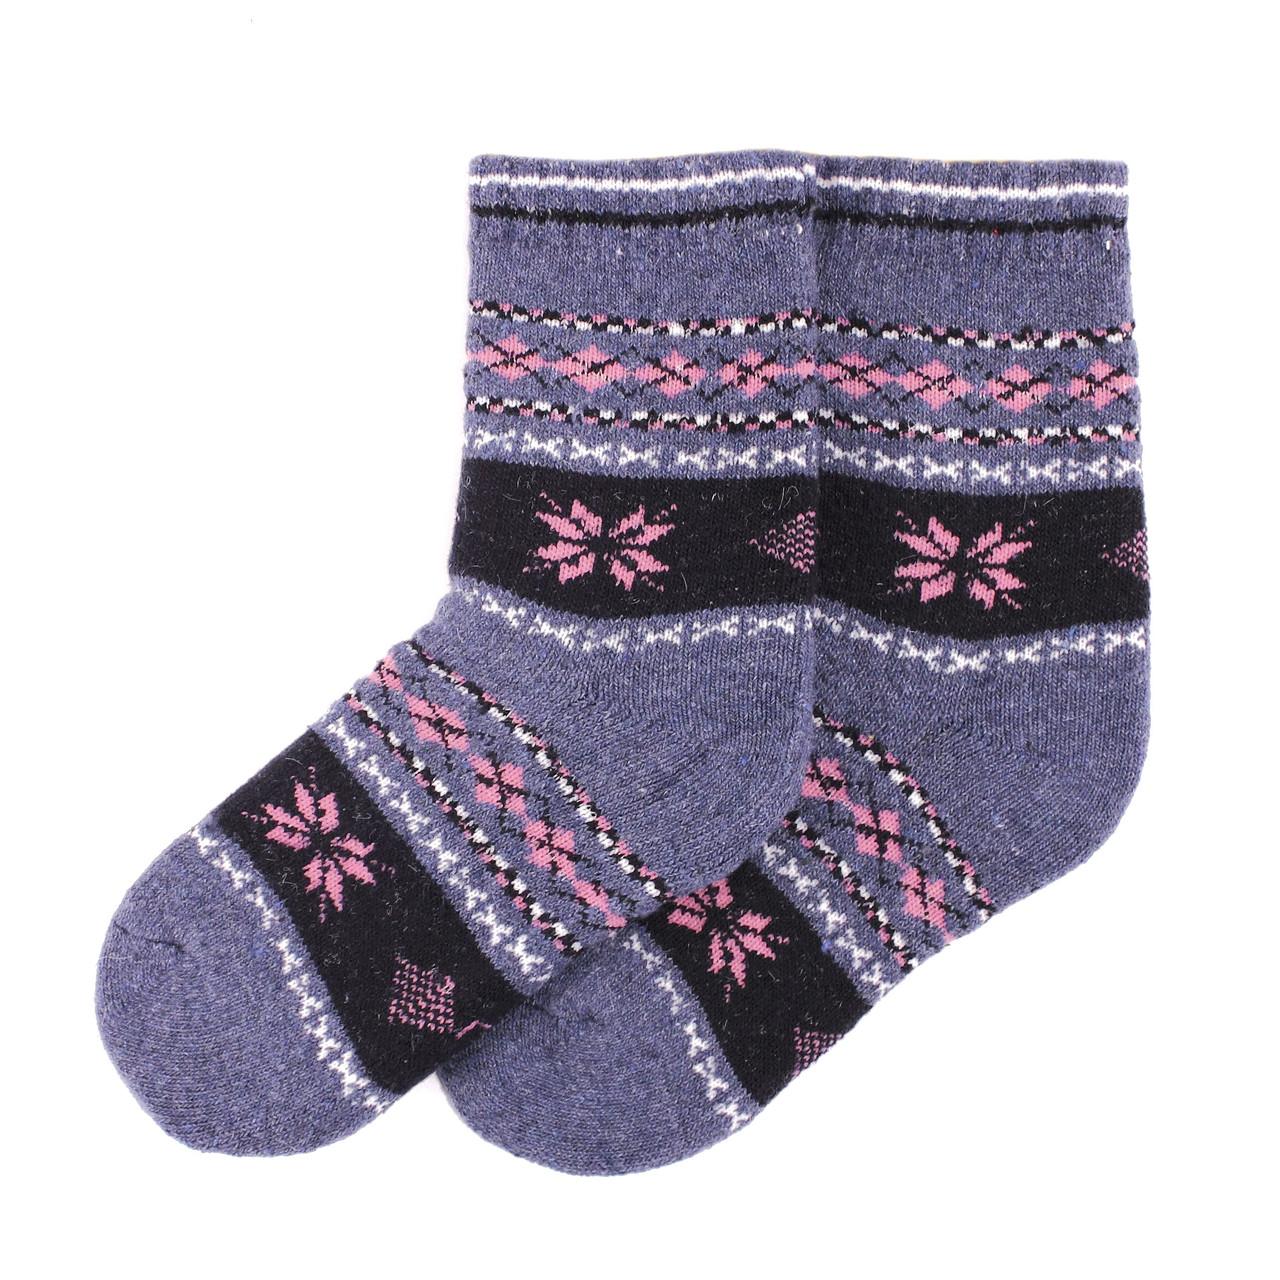 bc79f1cc471ed Теплые детские носки MIMIGOU 050- светло-серые, цена 25 грн., купить ...